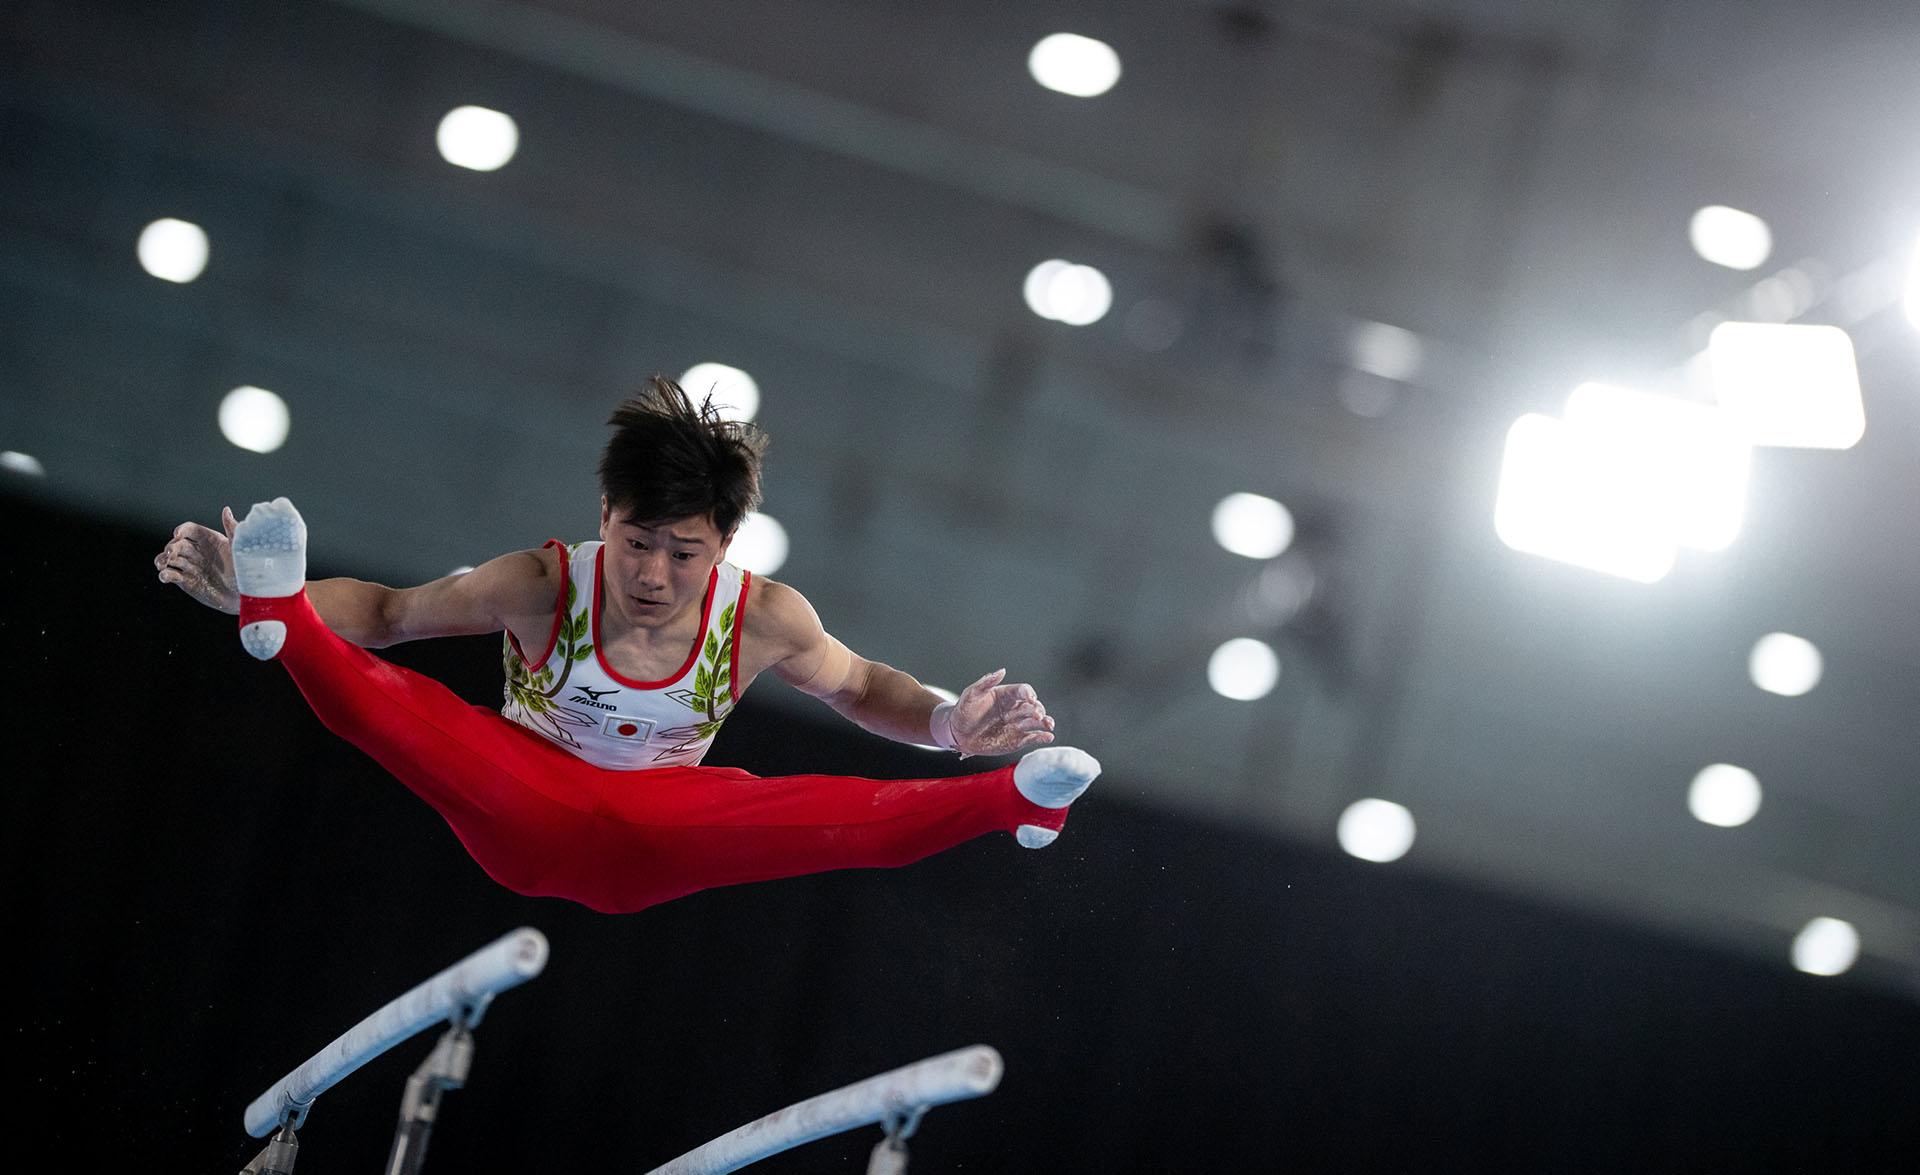 Takeru Kitazono, de Japón, compite en laFinal de Barras Paralelas de Hombres en la disciplina de Gimnasia Artística realizadas en el Pabellón América(REUTERS)